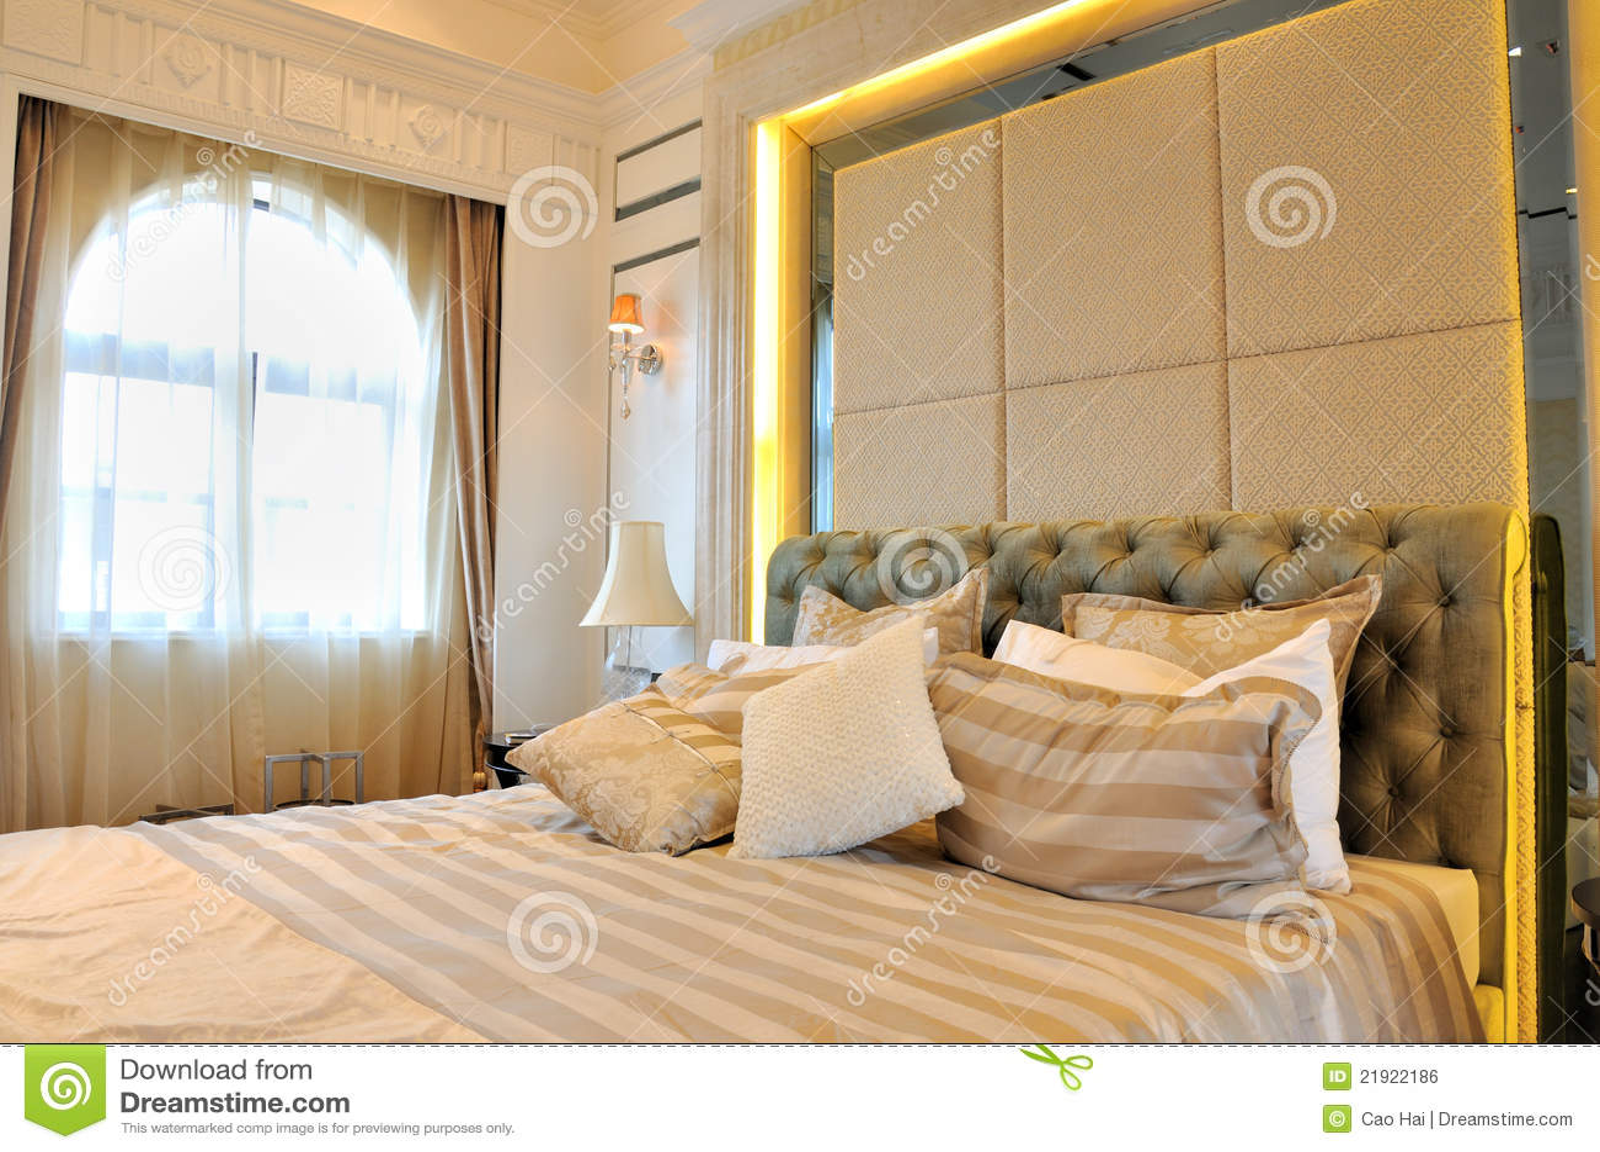 Camera da letto e finestra con illuminazione della tenda fotografia stock immagine 21922186 - I segreti della camera da letto ...